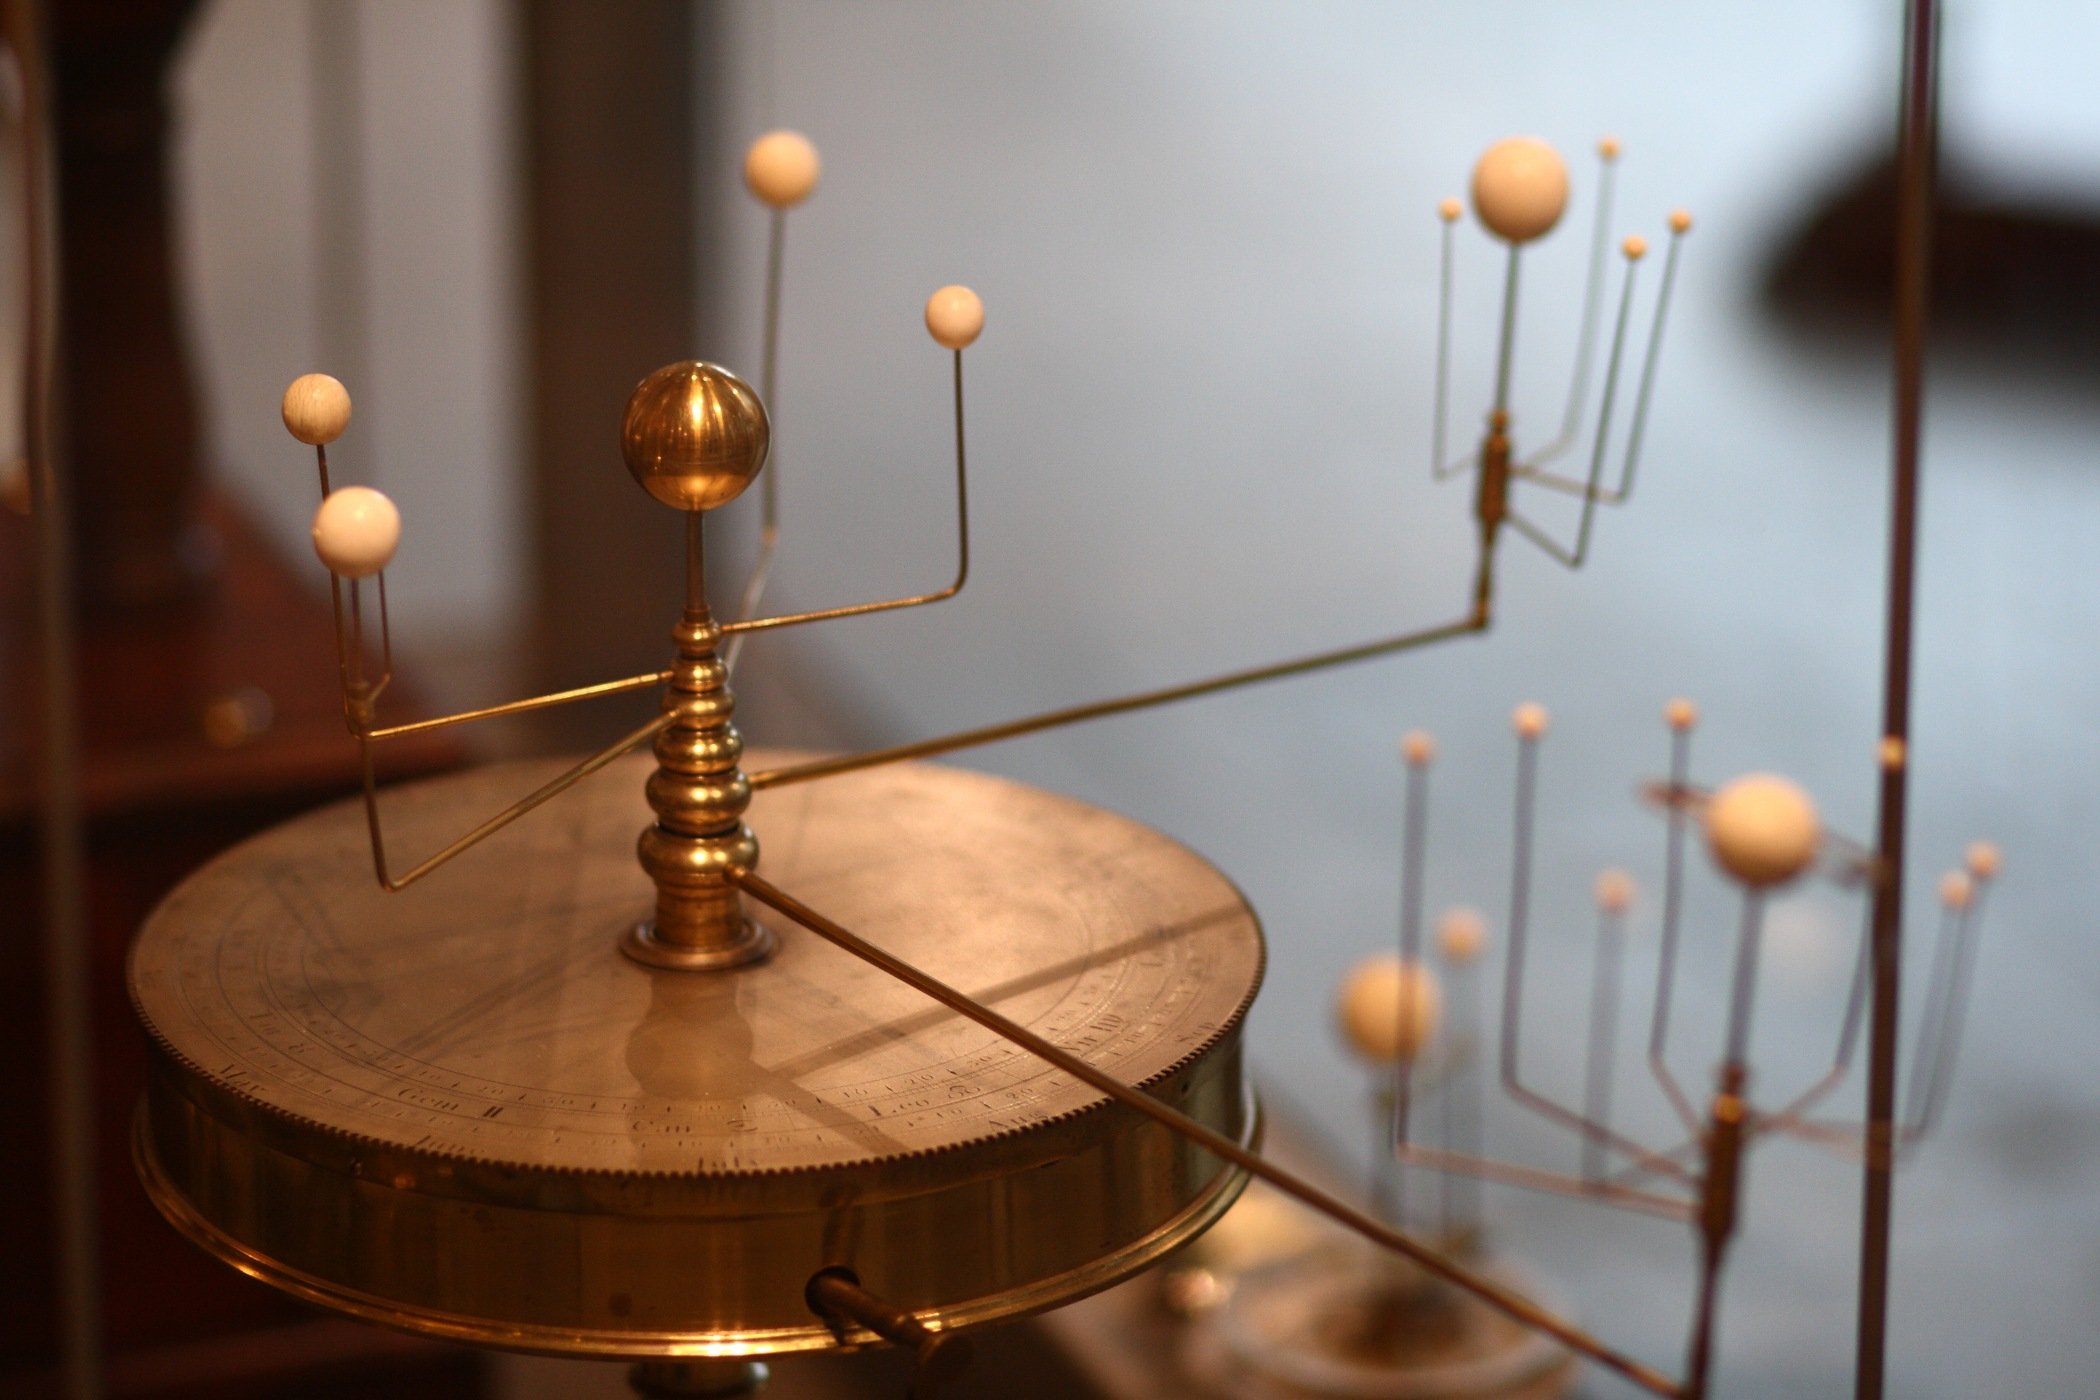 putnam-planetarium